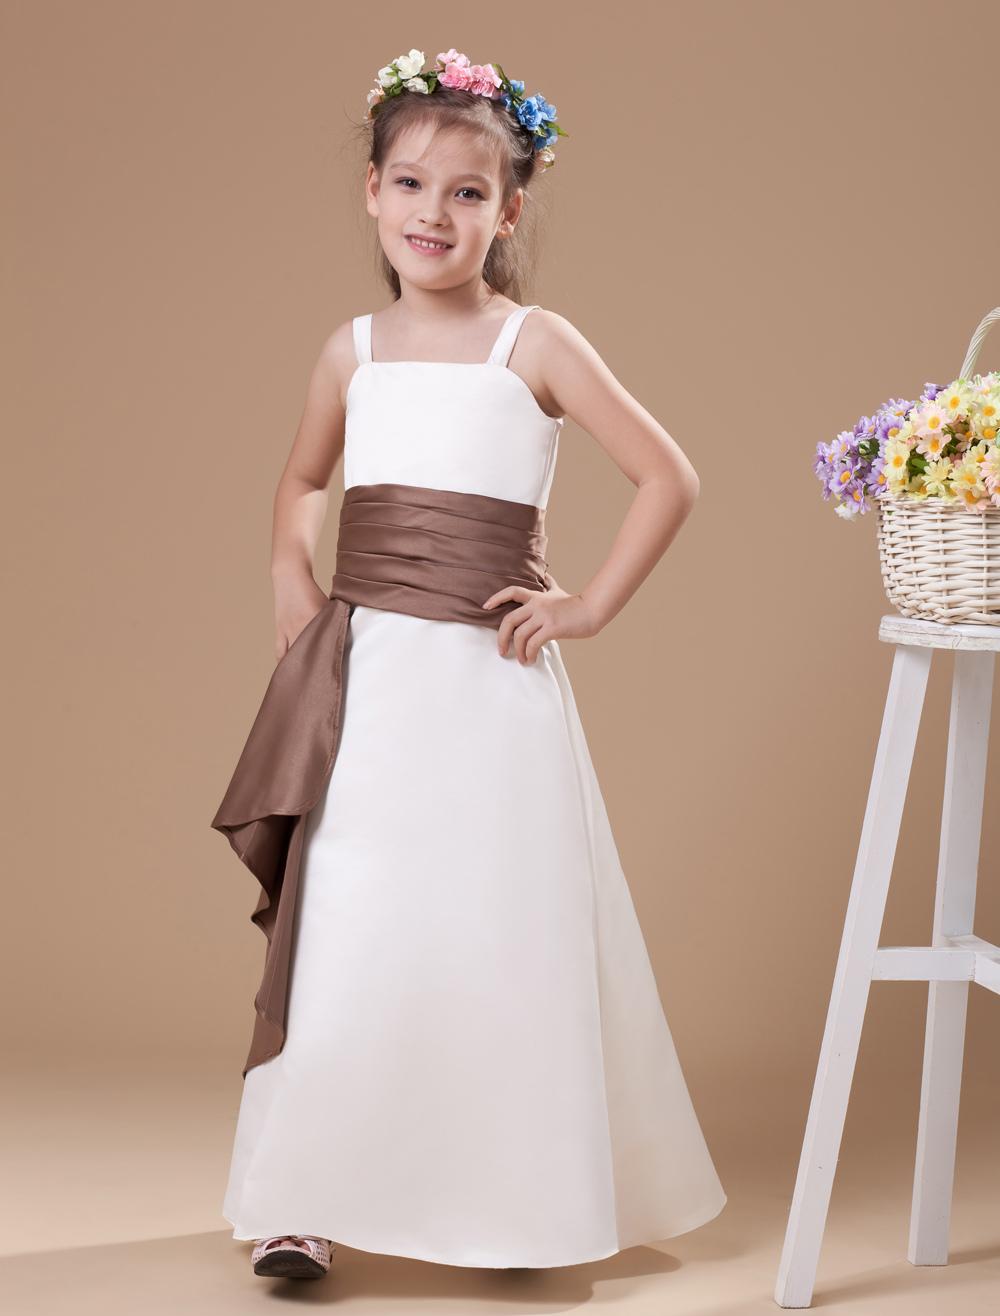 bf69e48aabb51 ... A-line White Satin Junior Bridesmaid Dress with Sash Spaghetti Straps  -No.8. 12. 30%OFF. Color:White